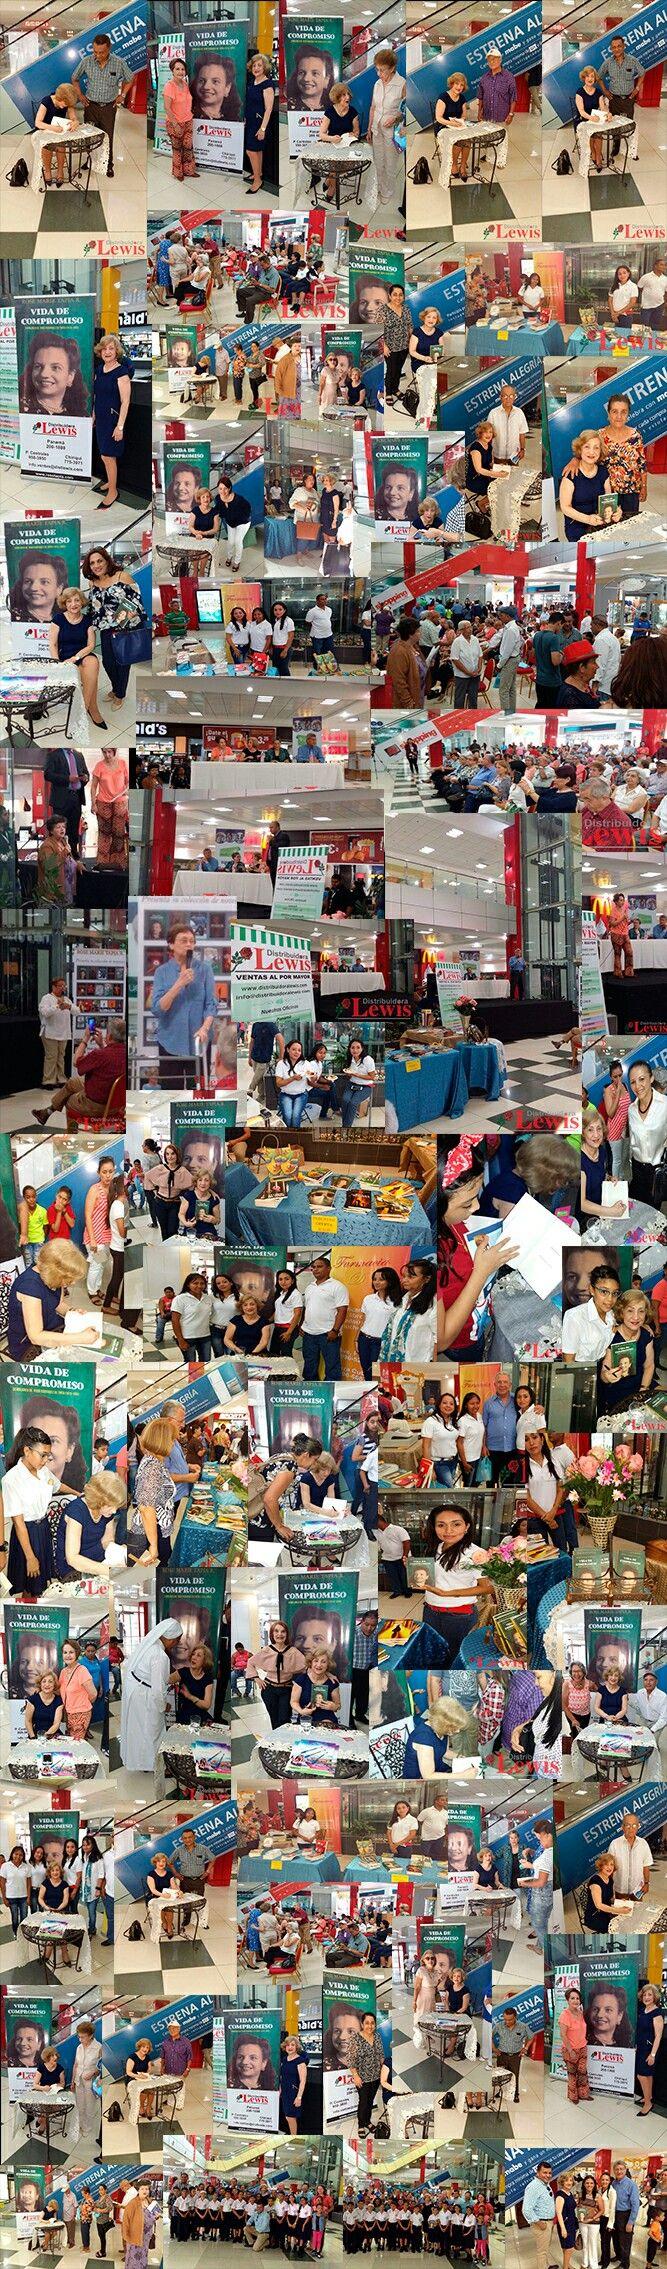 El sábado 11 de marzo de 2017 en el Mall Paseo Central en Chitré Rose Marie Tapia presentó su novela más reciente Vida de compromiso, semblanza de la maestra Rosa R. de Tapia 1915-1986. La familia Tapia Rodriguez agradece las muestras de solidaridad.